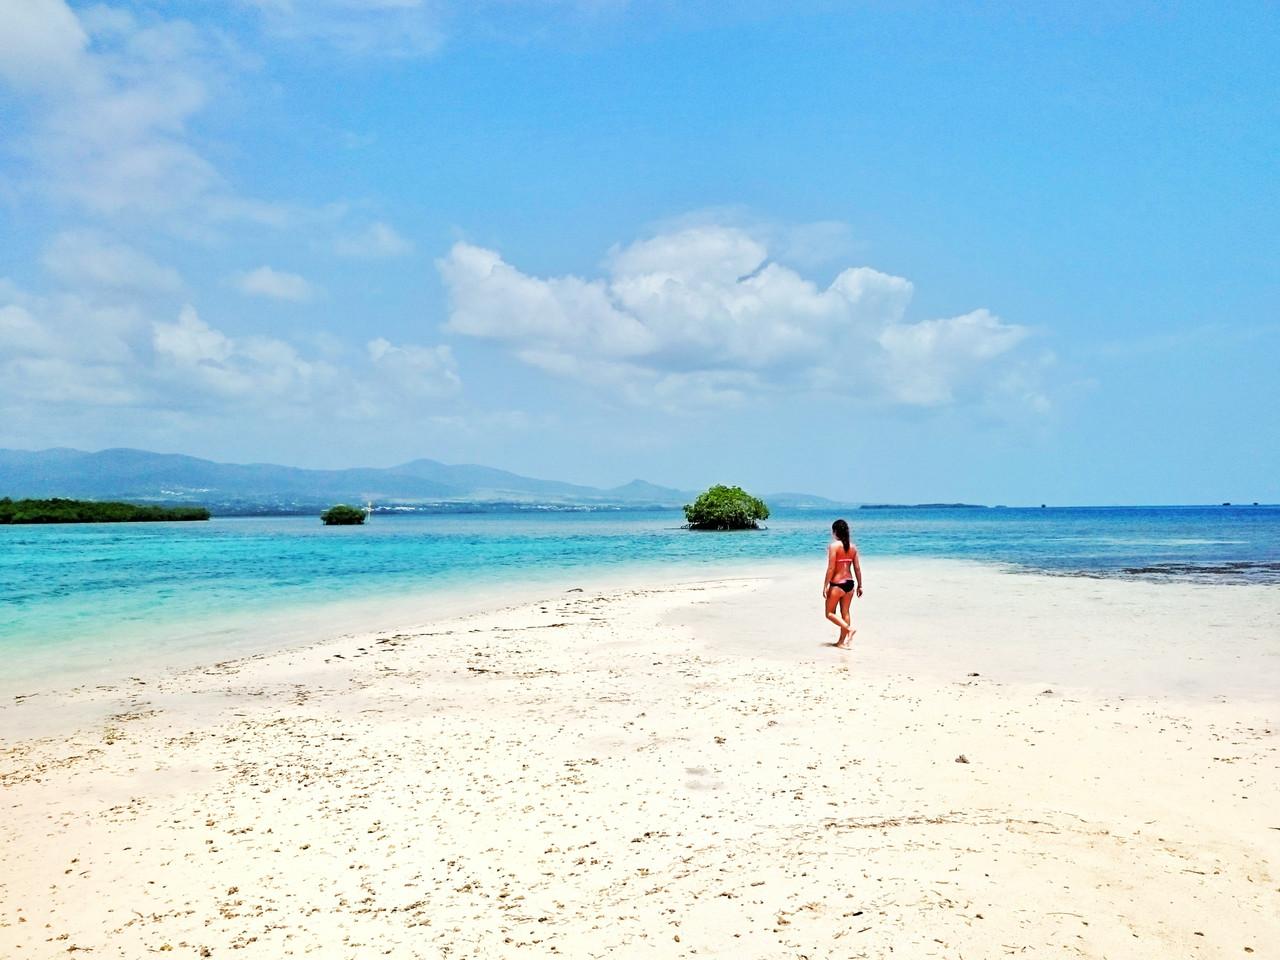 L'ilet de la biche - Grande Anse - Guadeloupe